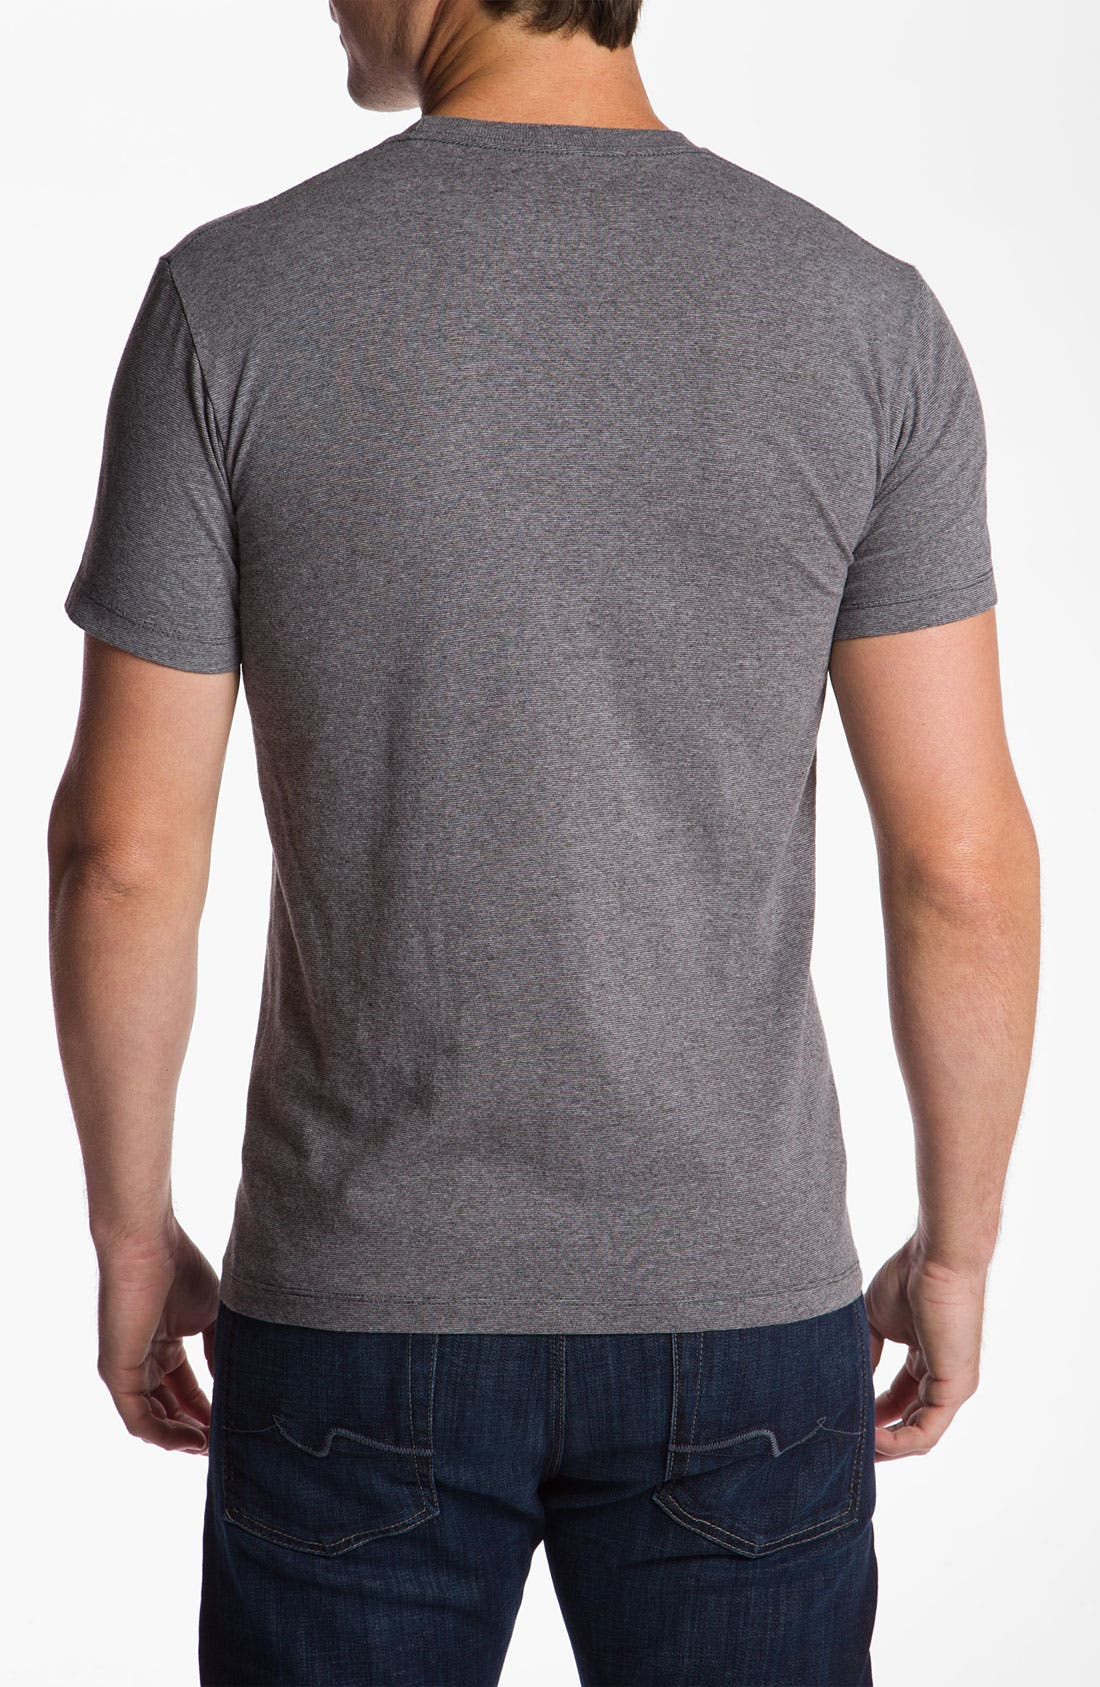 Alternate Image 2  - Lira Clothing 'Elements' T-Shirt